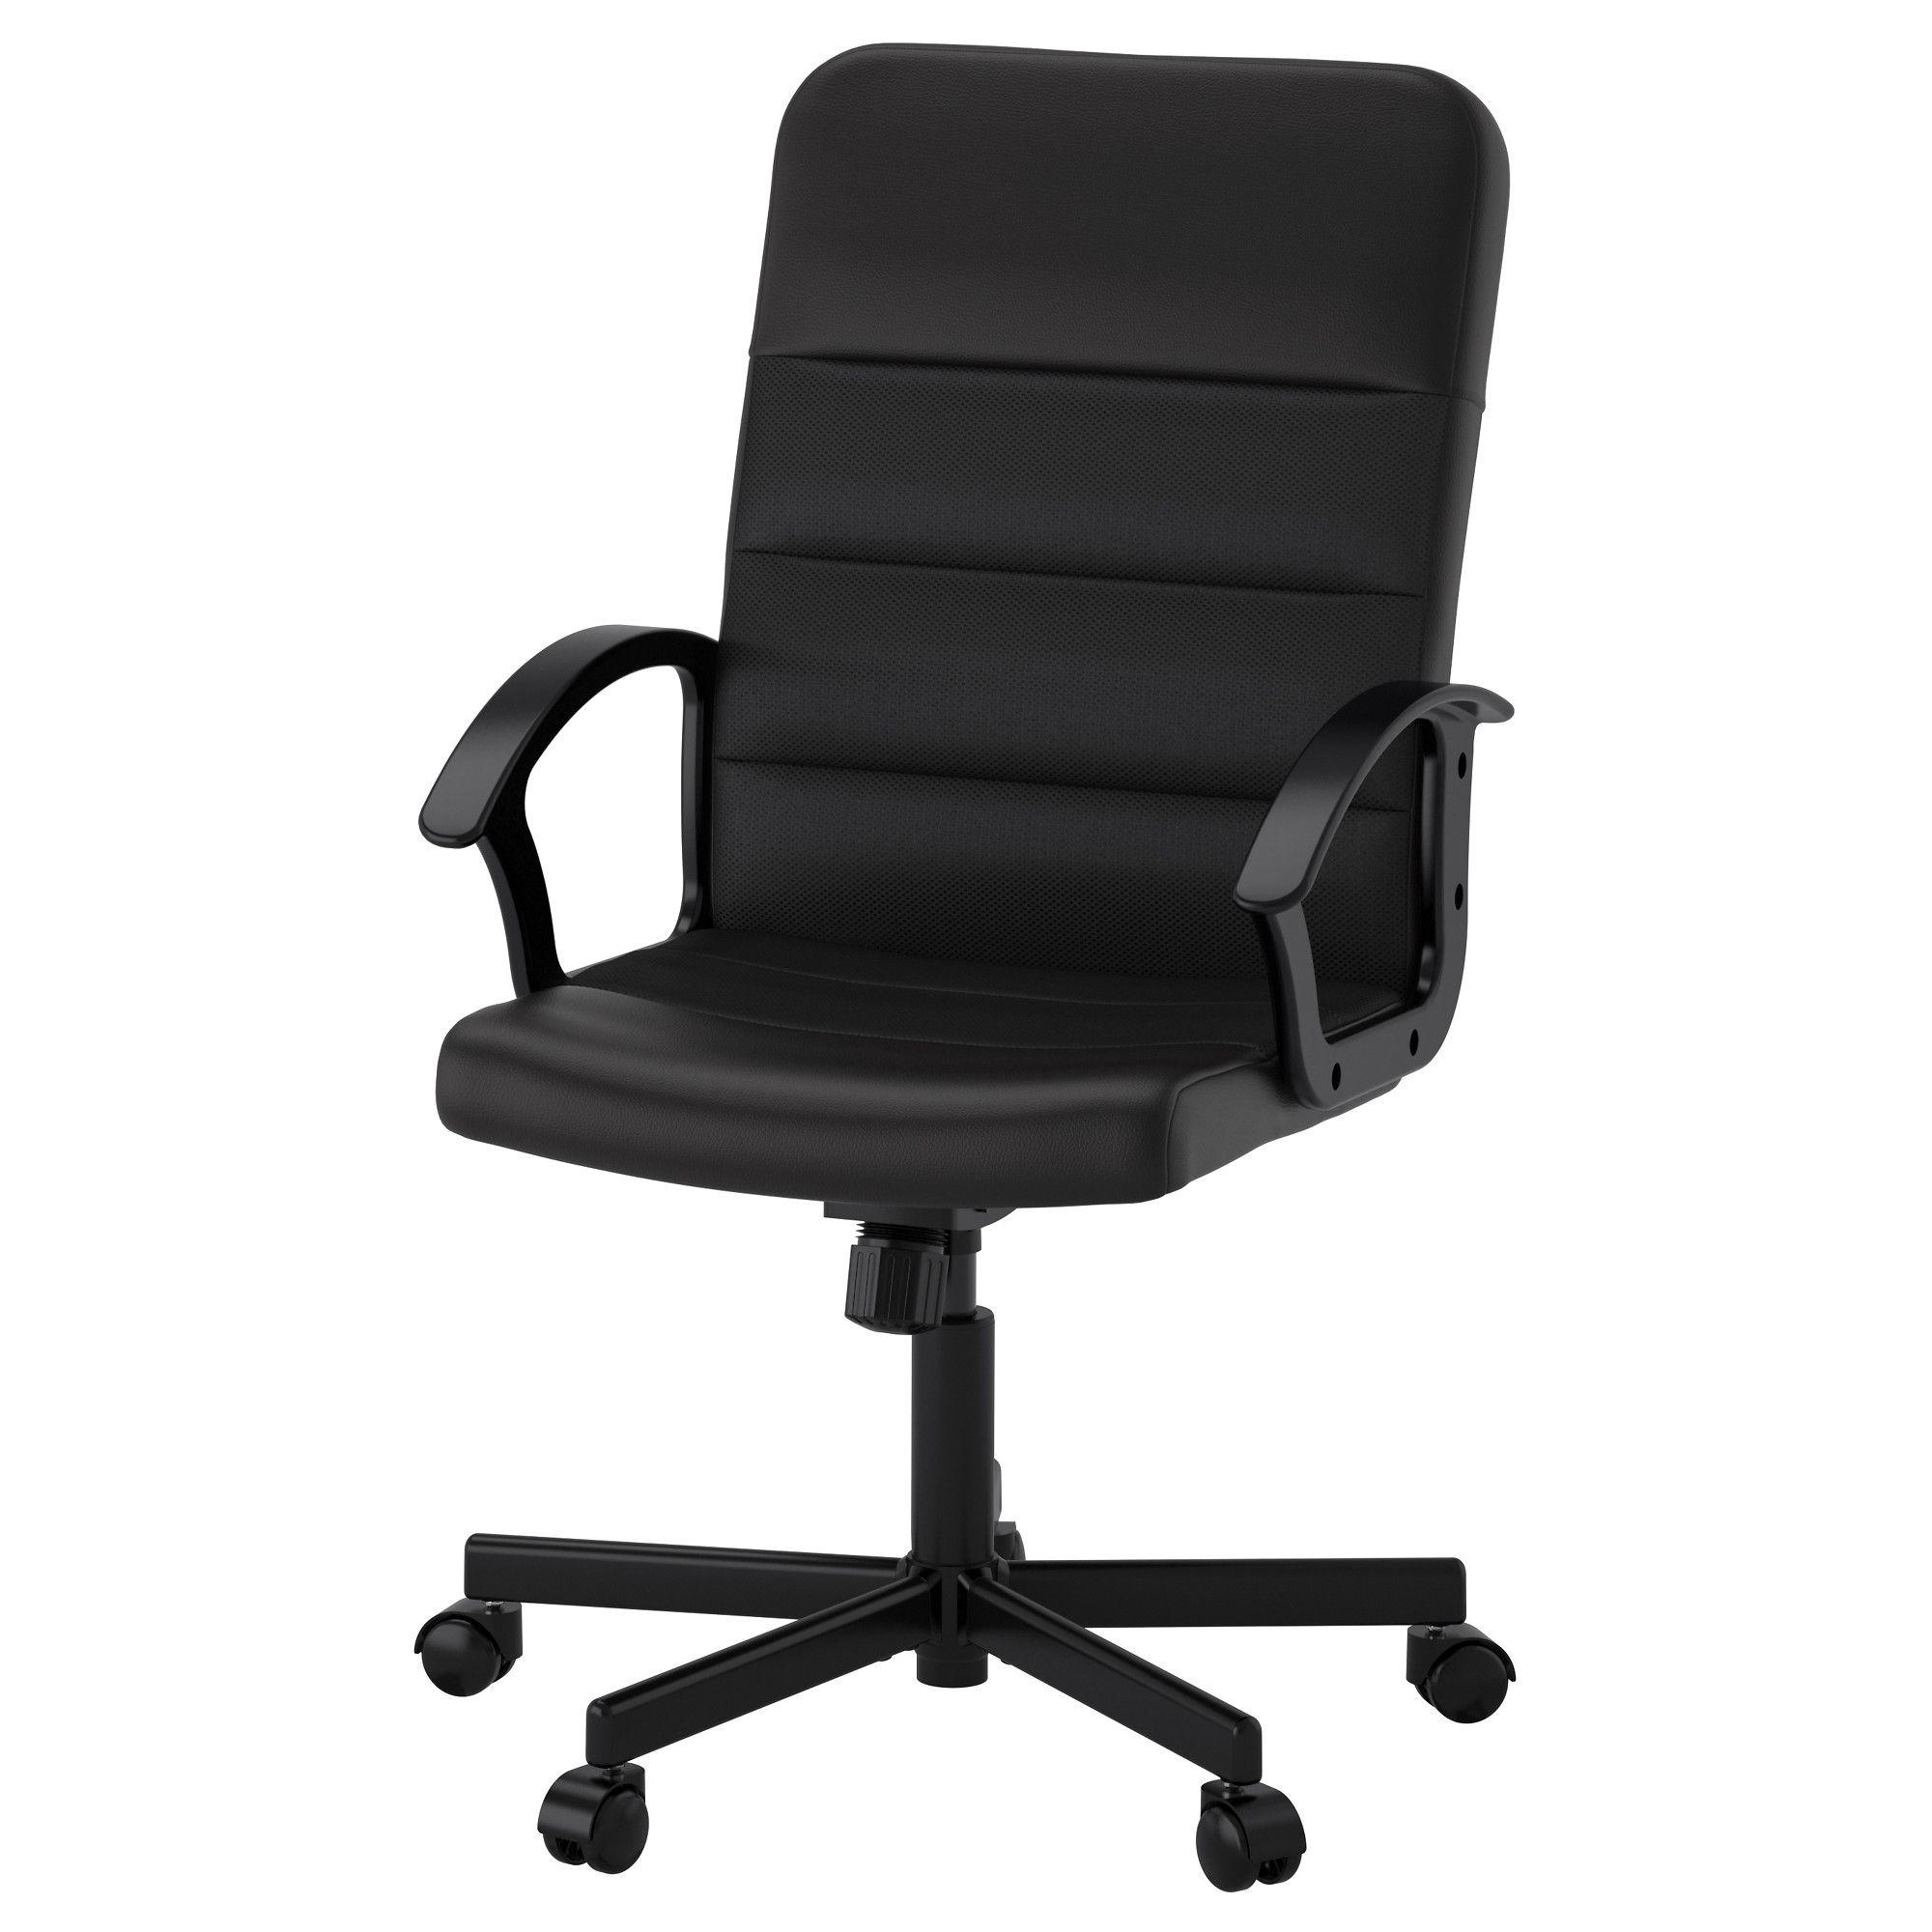 RENBERGET Swivel chair Bomstad black Ikea desk chair